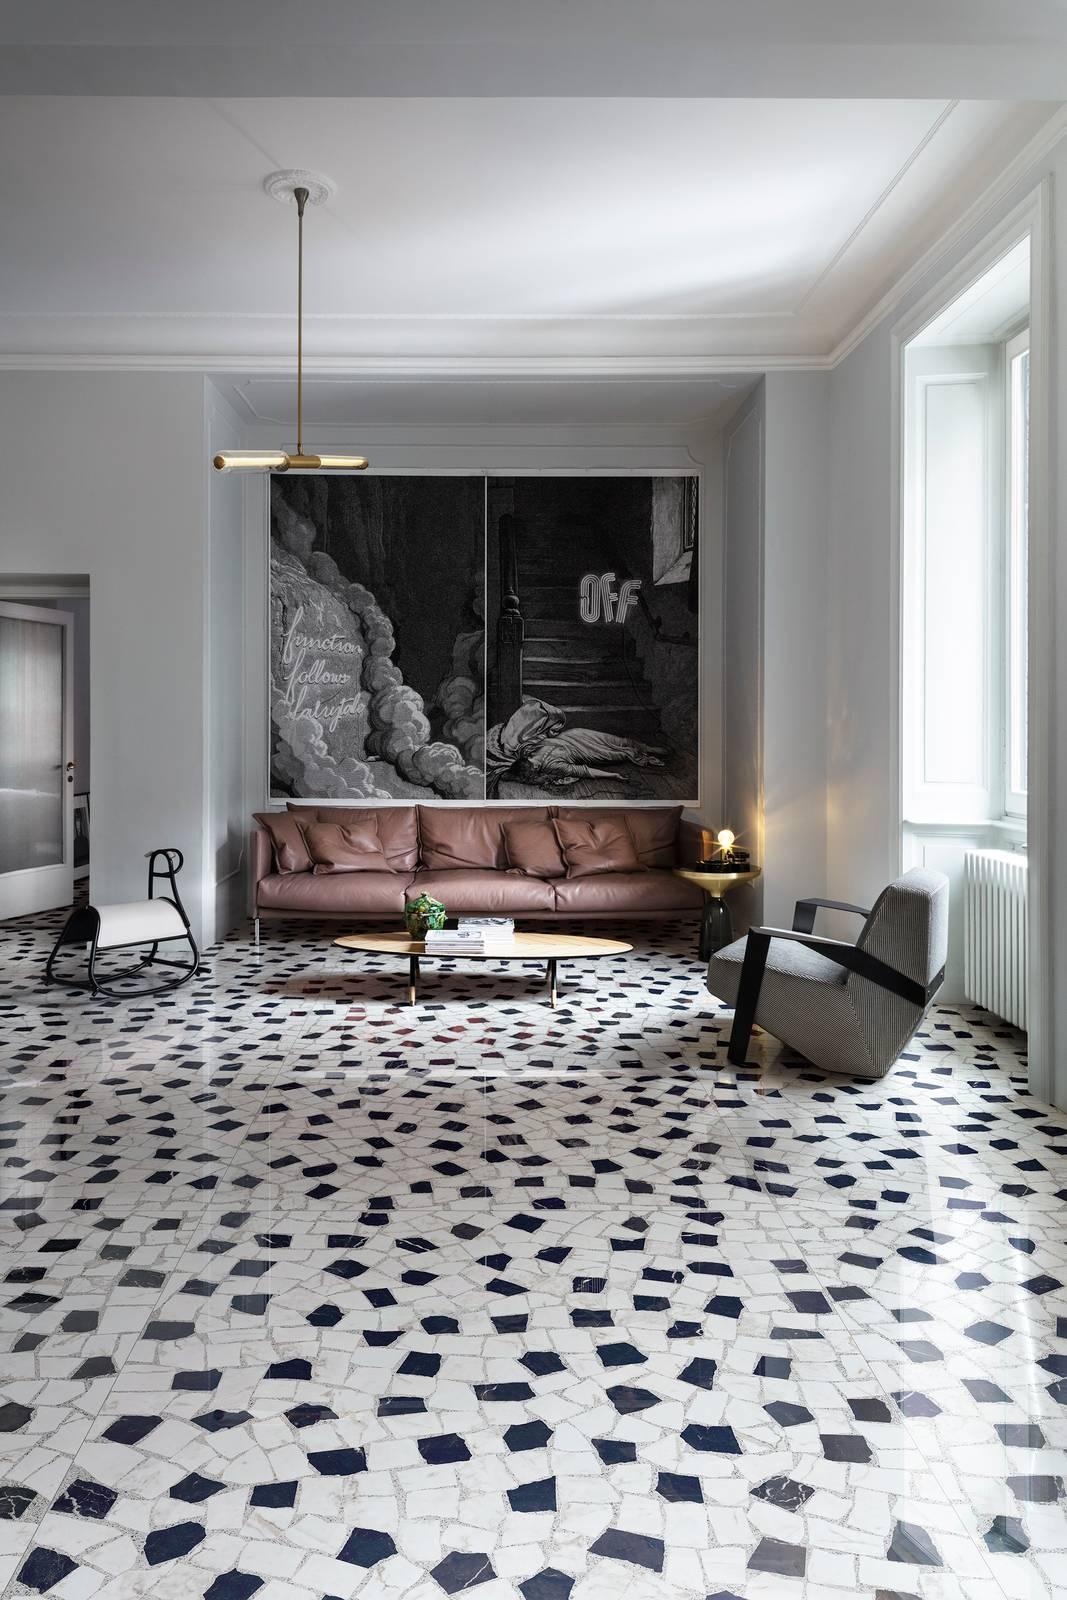 Pavimenti In Ardesia Pro E Contro rivestimenti decorativi di tendenza: le piastrelle di